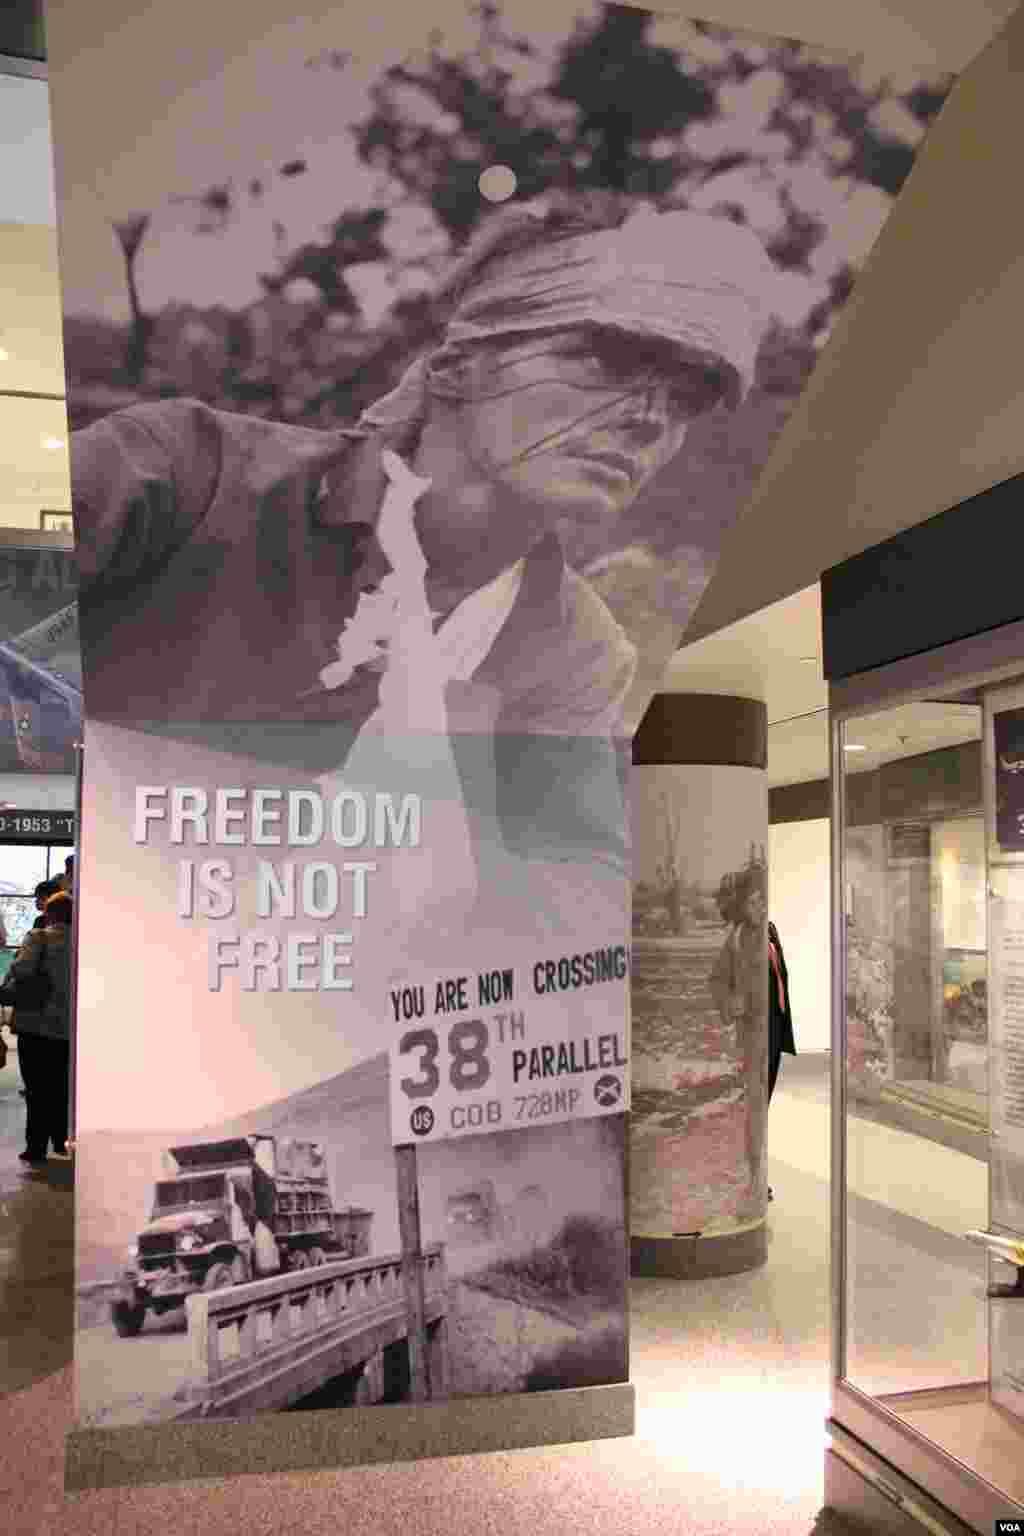 미 국방부 청사에 개관한 한국전쟁 기념 전시관에 부상당한 한국전 참전용사들의 사진과 함께 '자유에는 대가가 따른다(FREEDOM IS NOT FREE)'는 문구가 전시되어 있다.